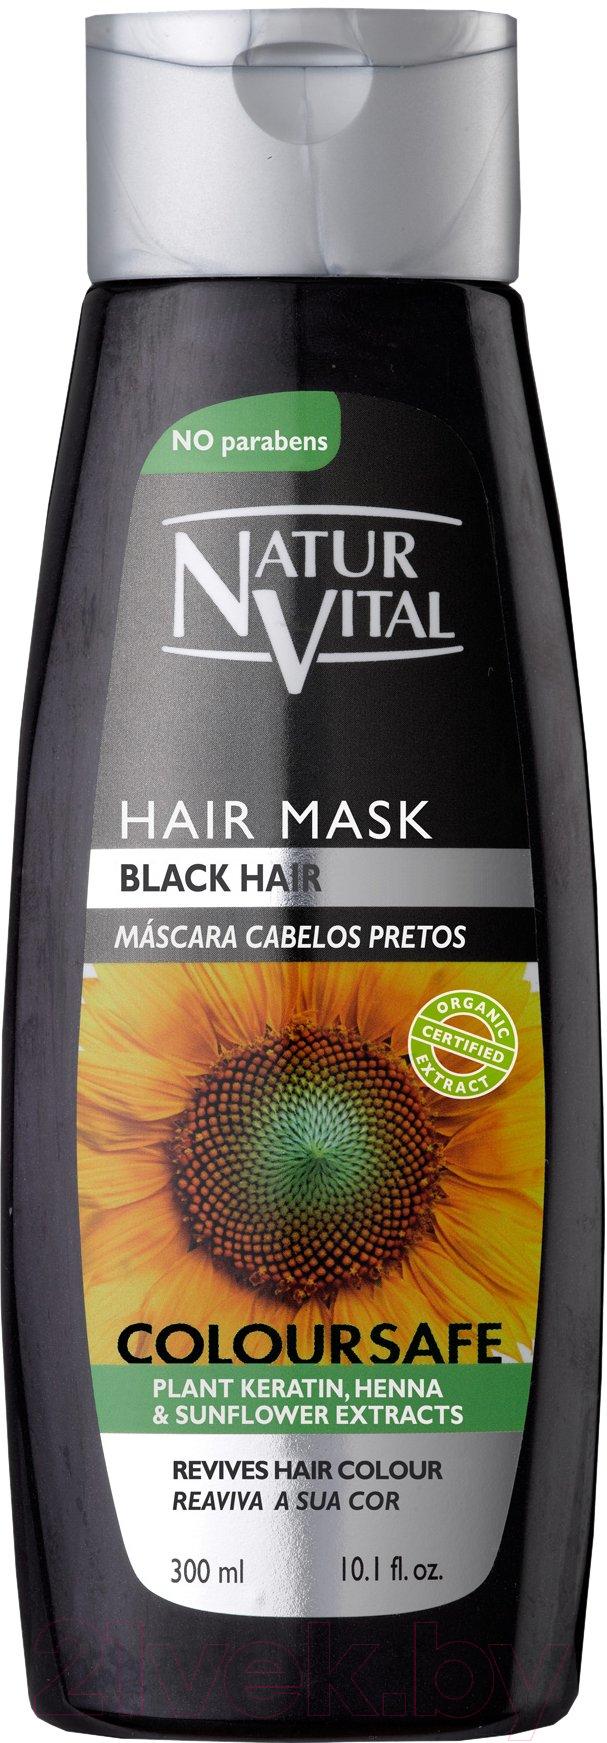 Купить Маска для волос Natur Vital, Coloursafe Hair Mask Black для сохранения цвета (300мл), Испания